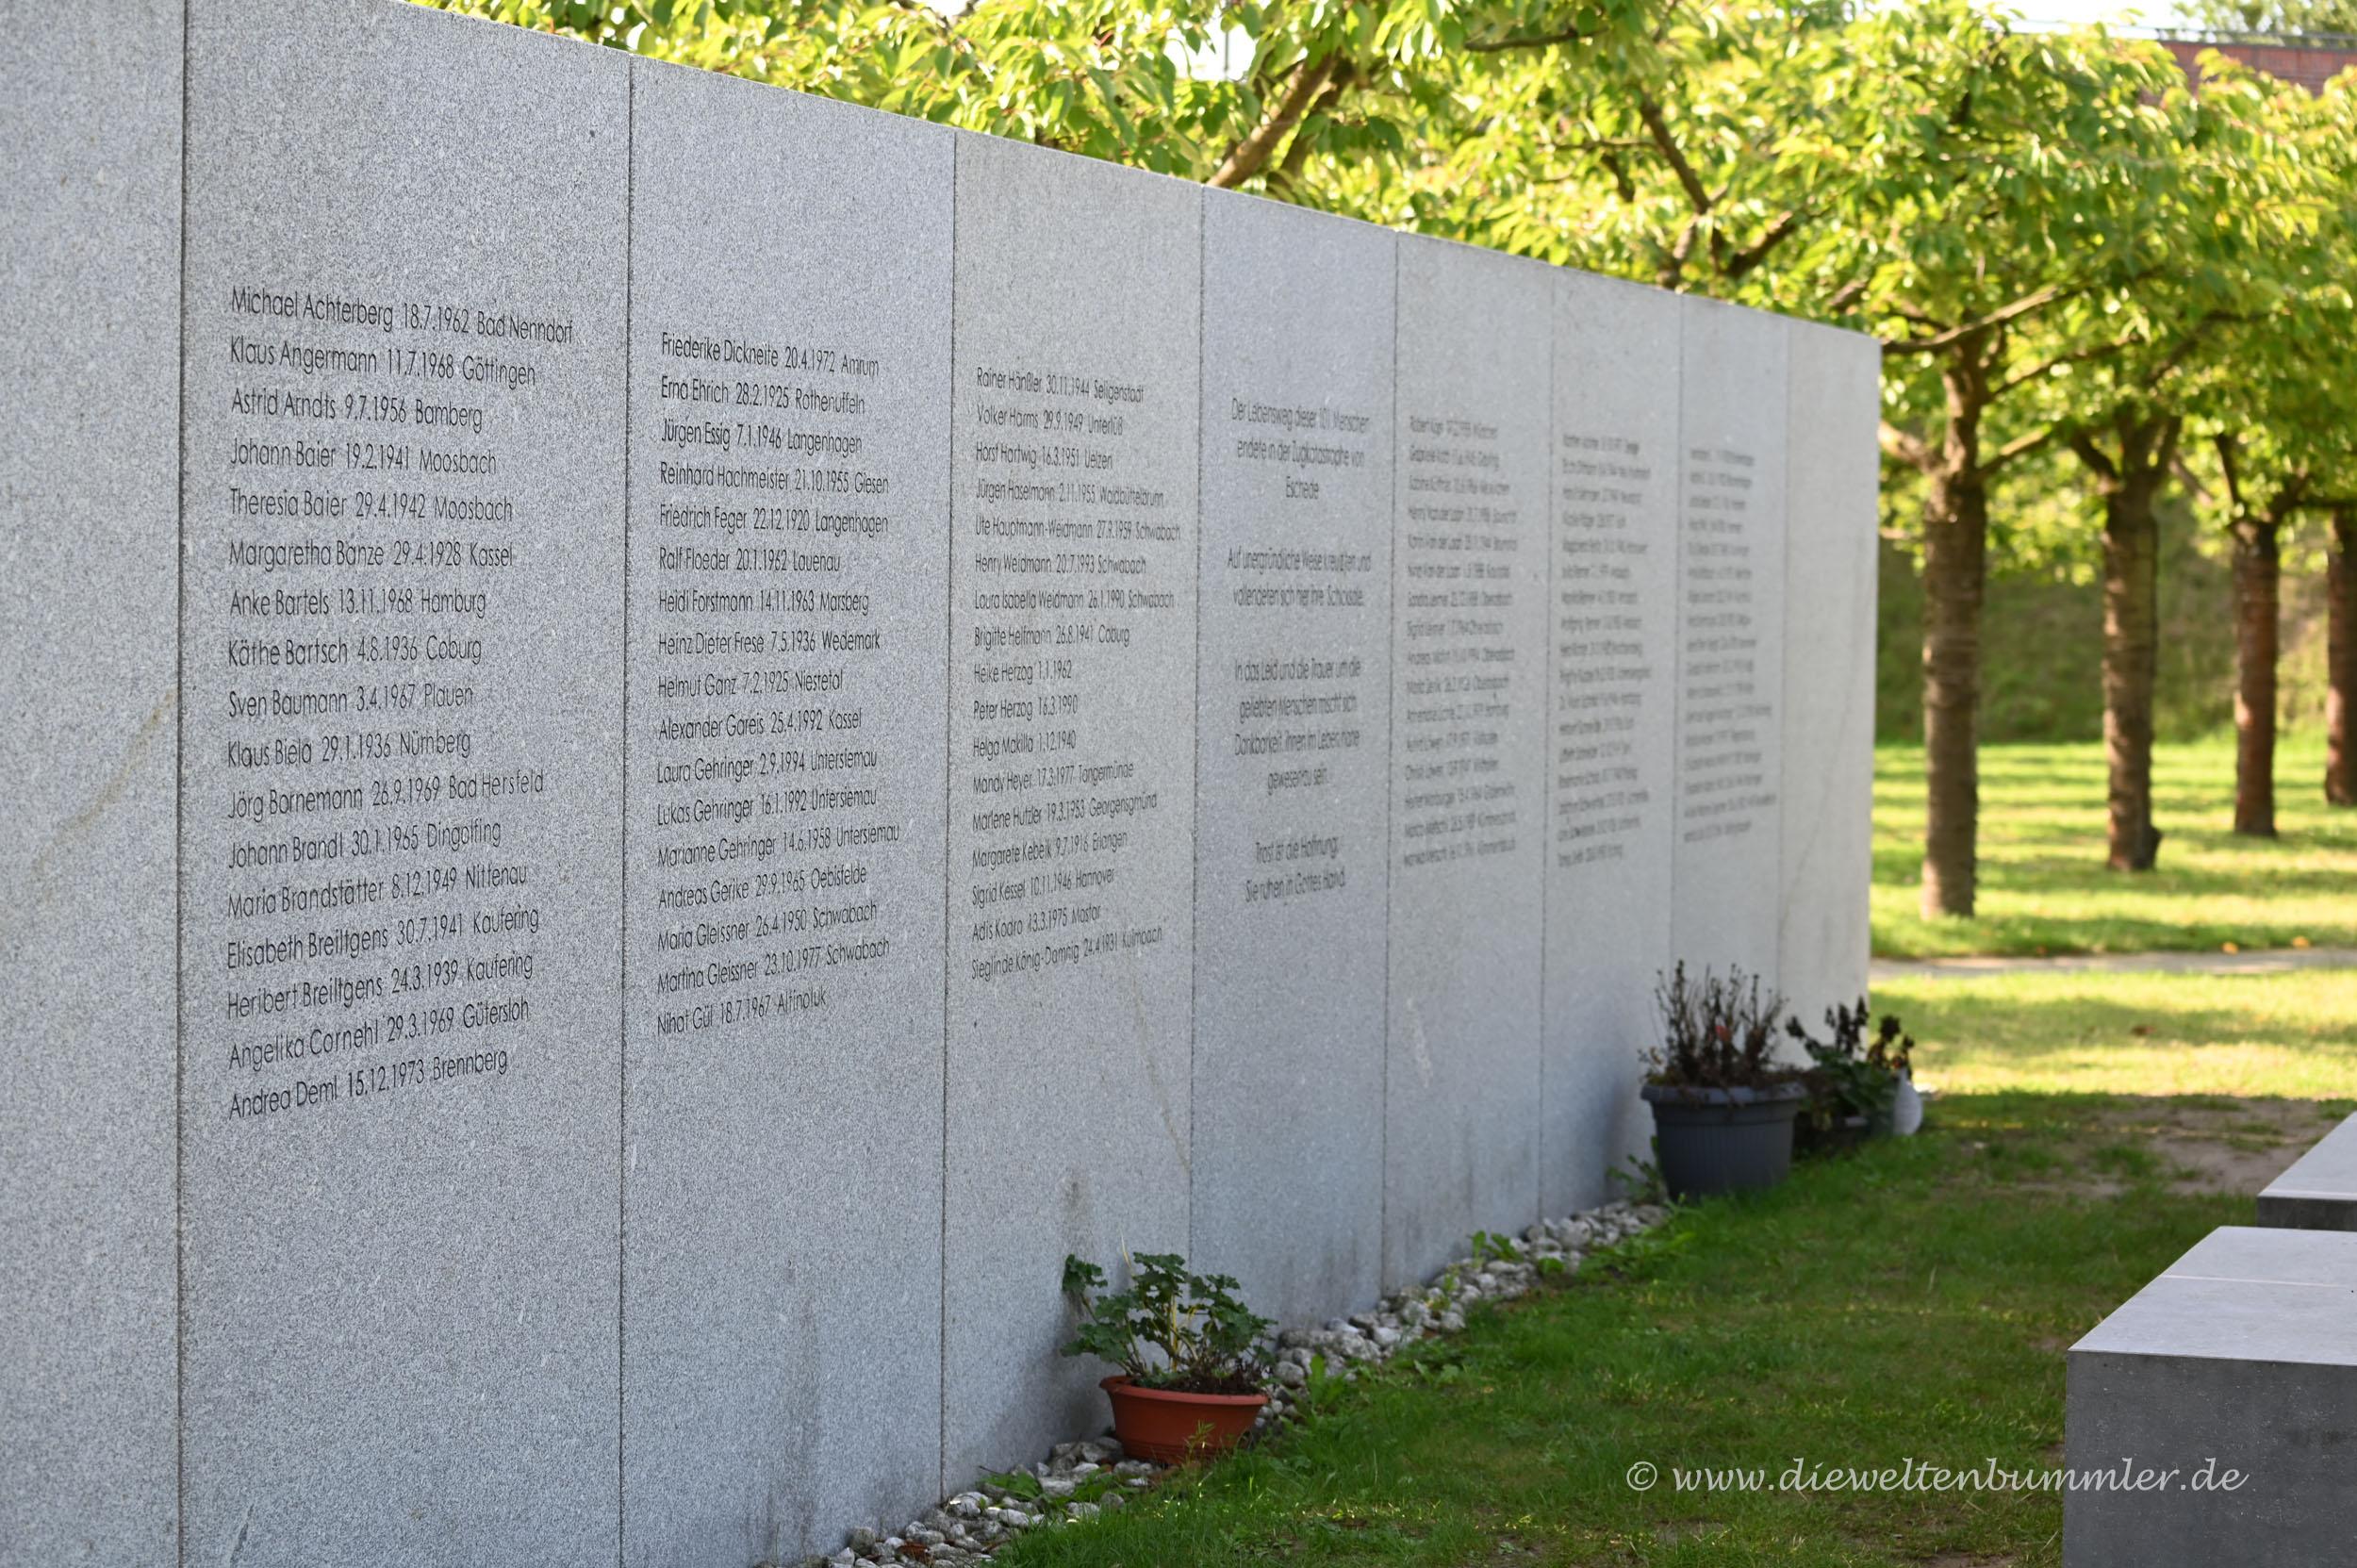 Gedenkstätte für das ICE-Unglück